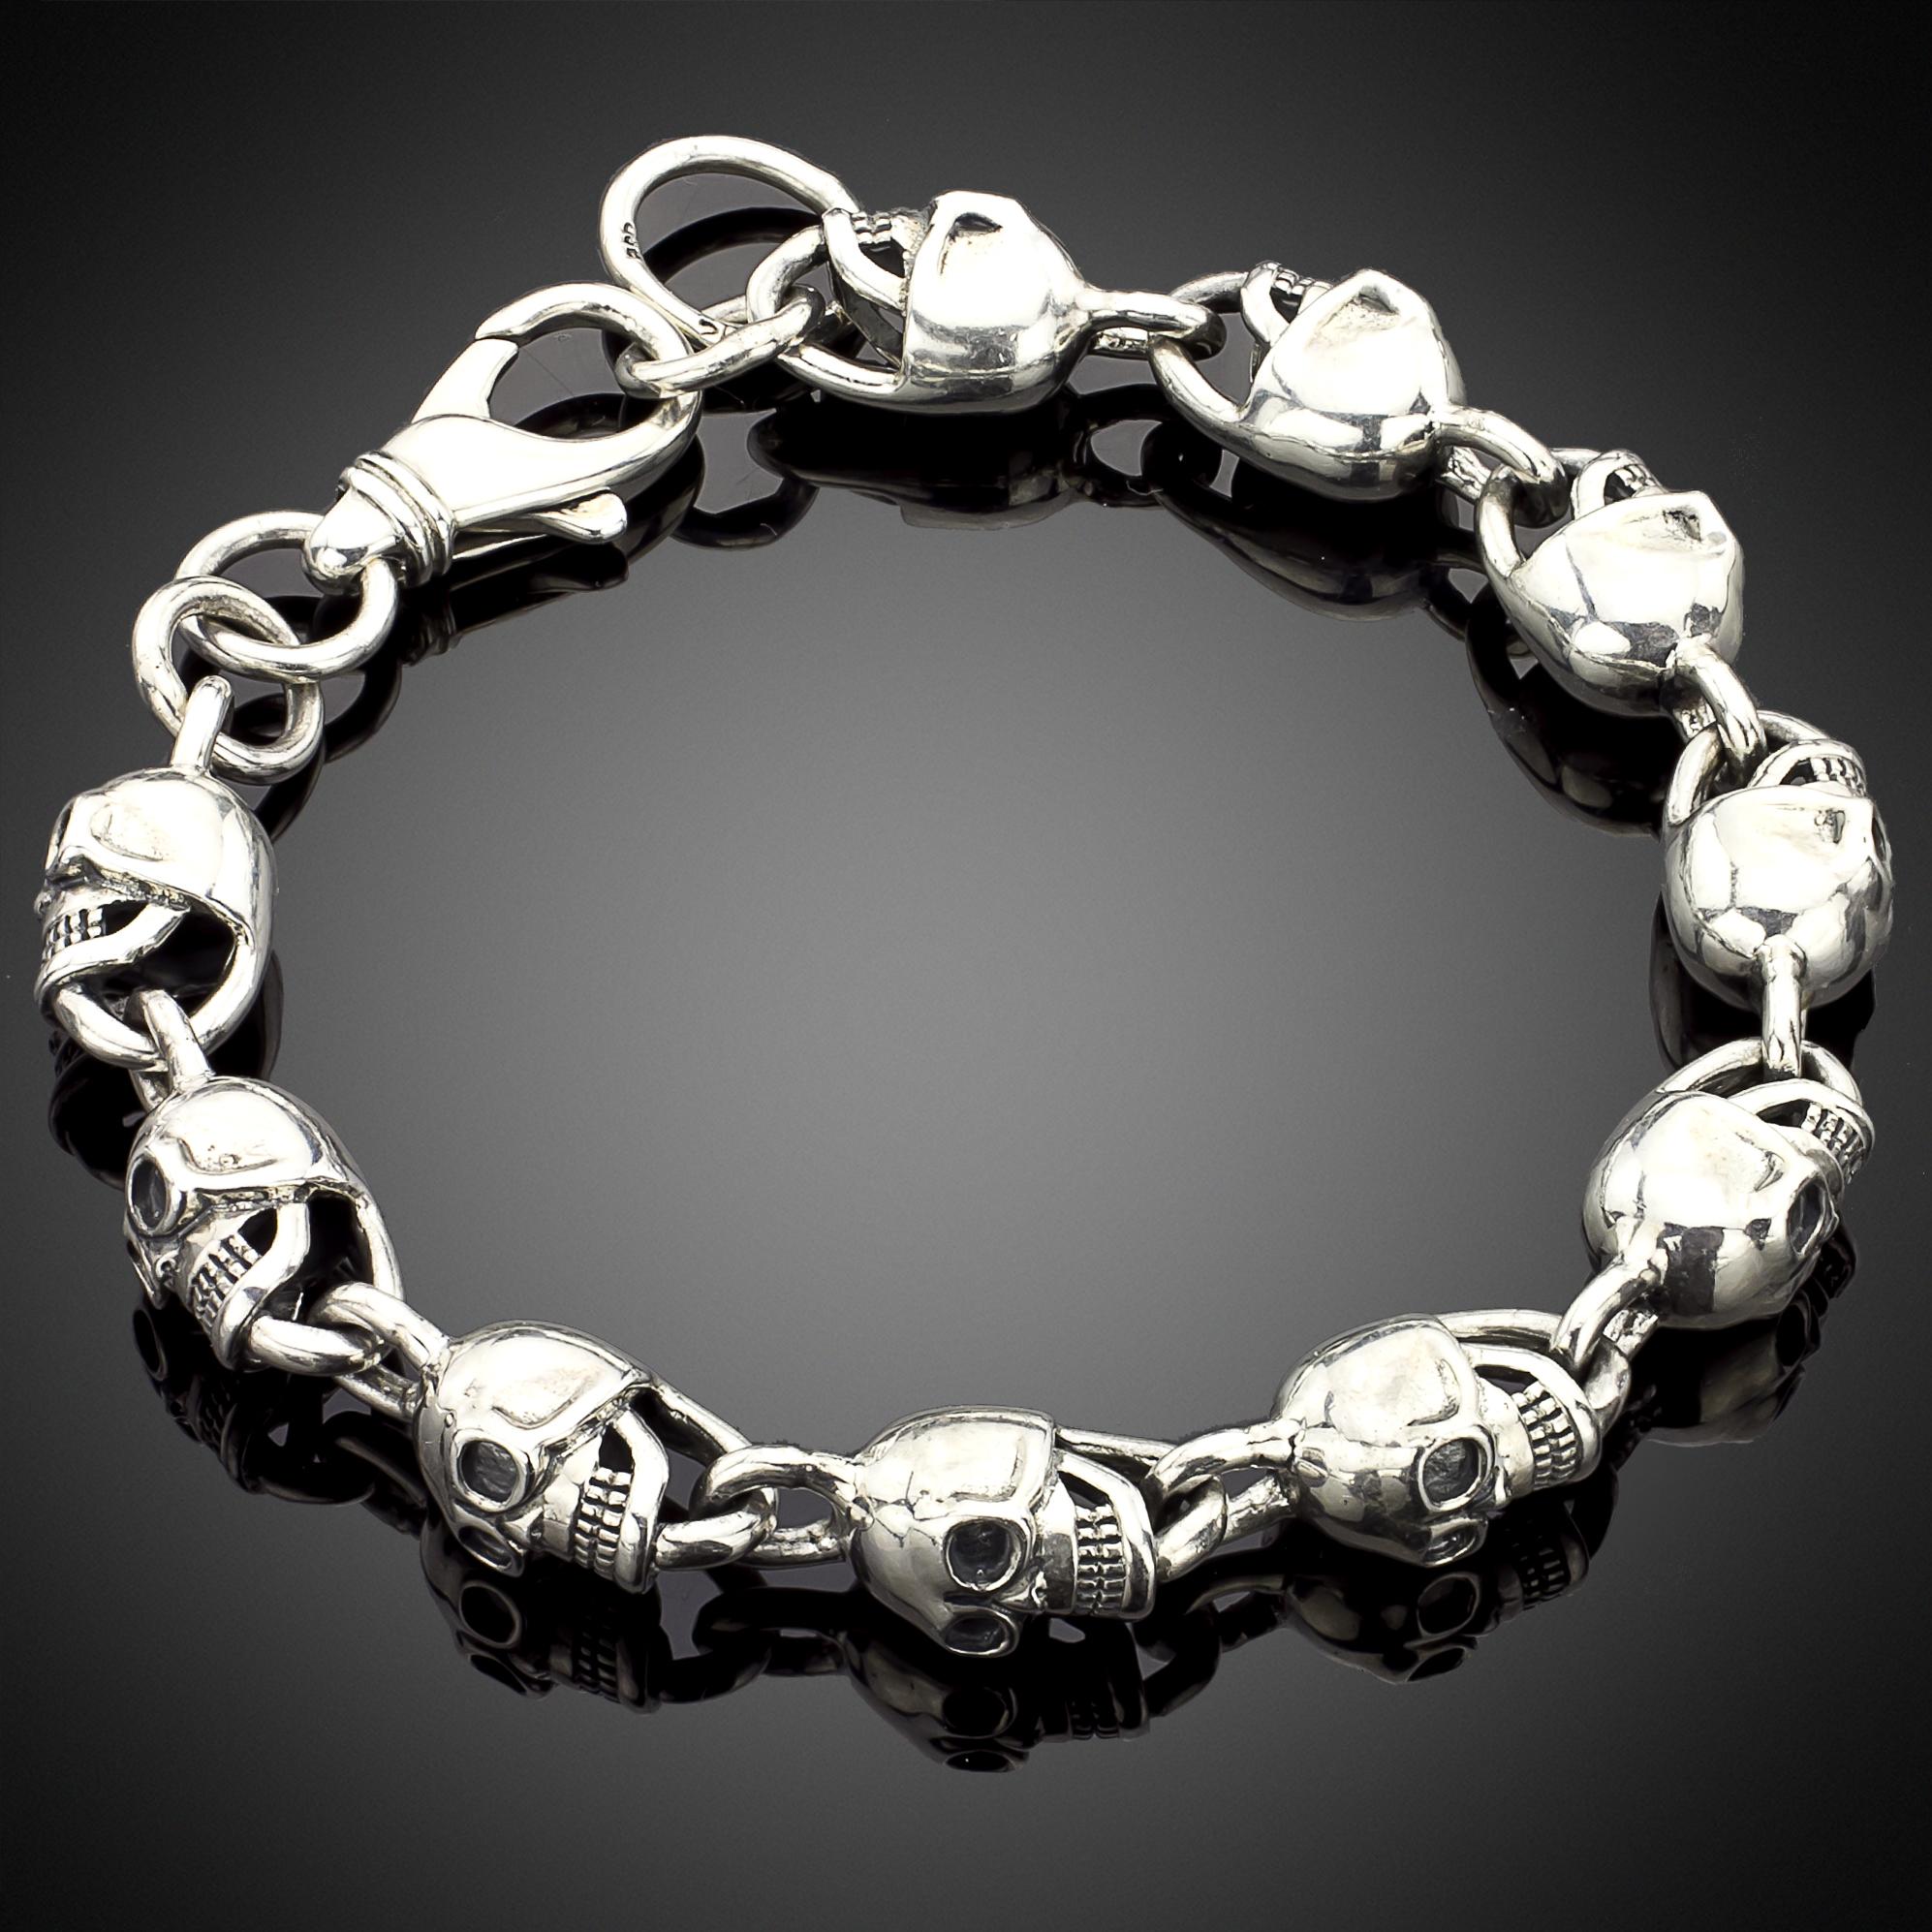 Chain Link Silver Skull Bracelet